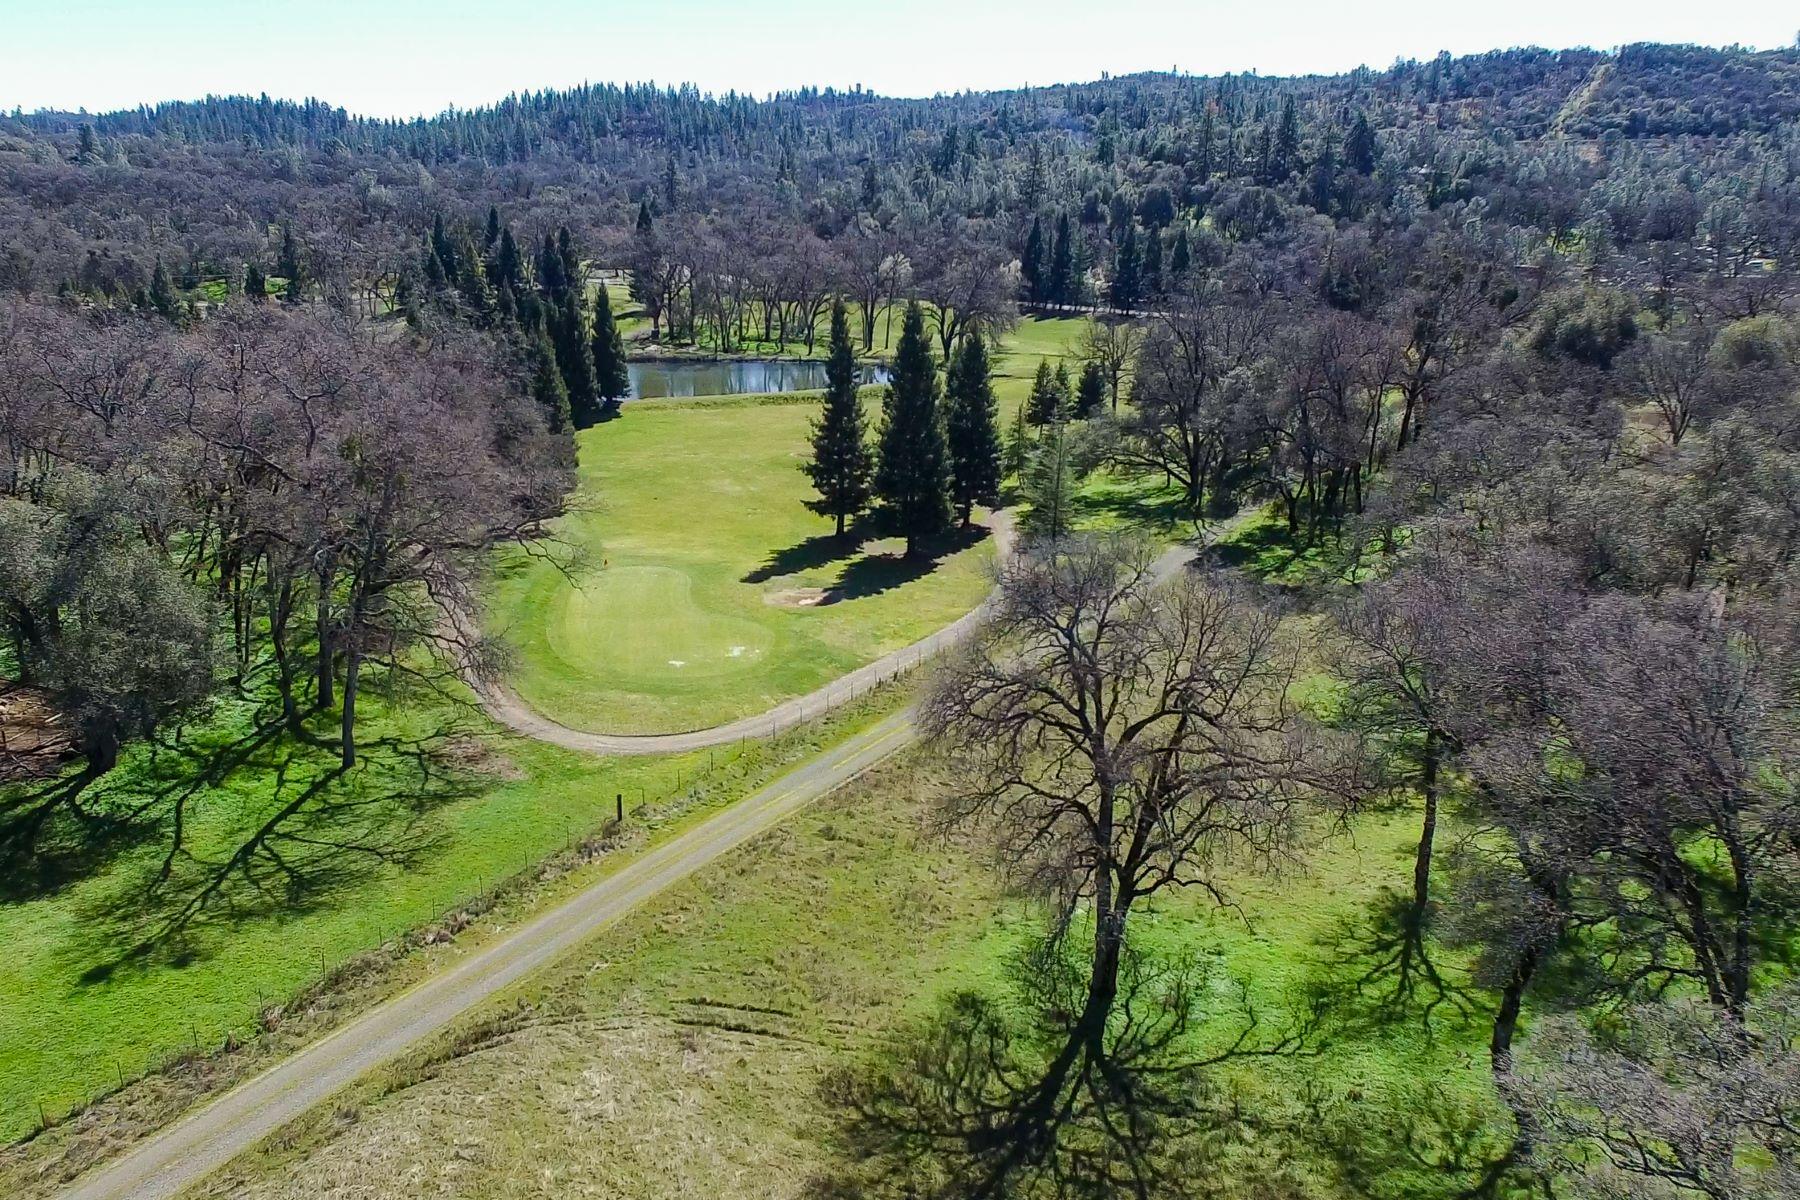 Terreno por un Venta en 13555 Dry Creek Road, Auburn, CA 95602 13555 Dry Creek Road Auburn, California 95602 Estados Unidos